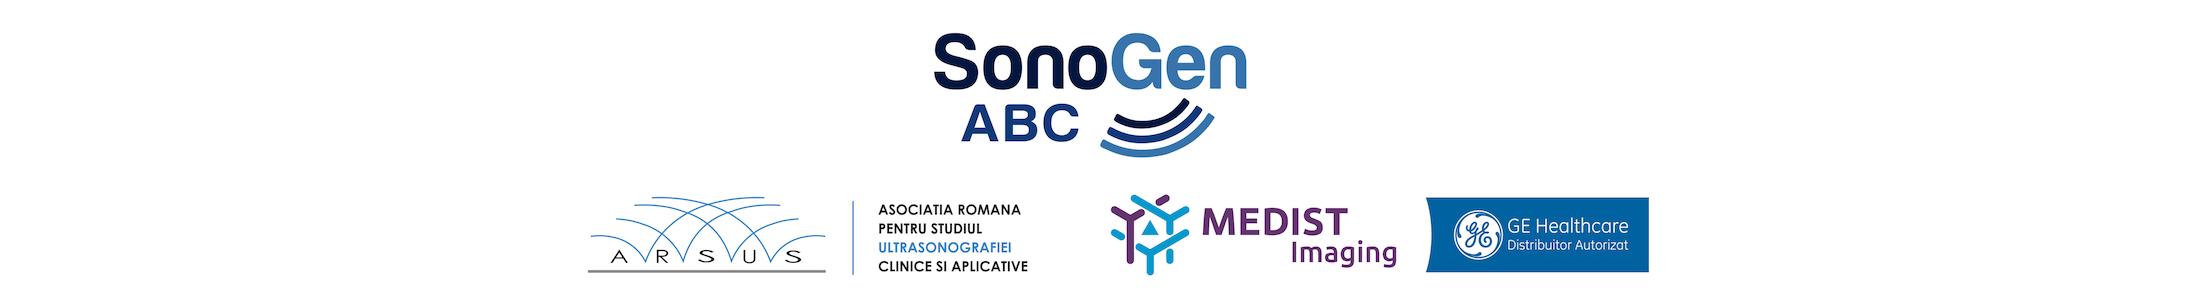 SonoGen ABC